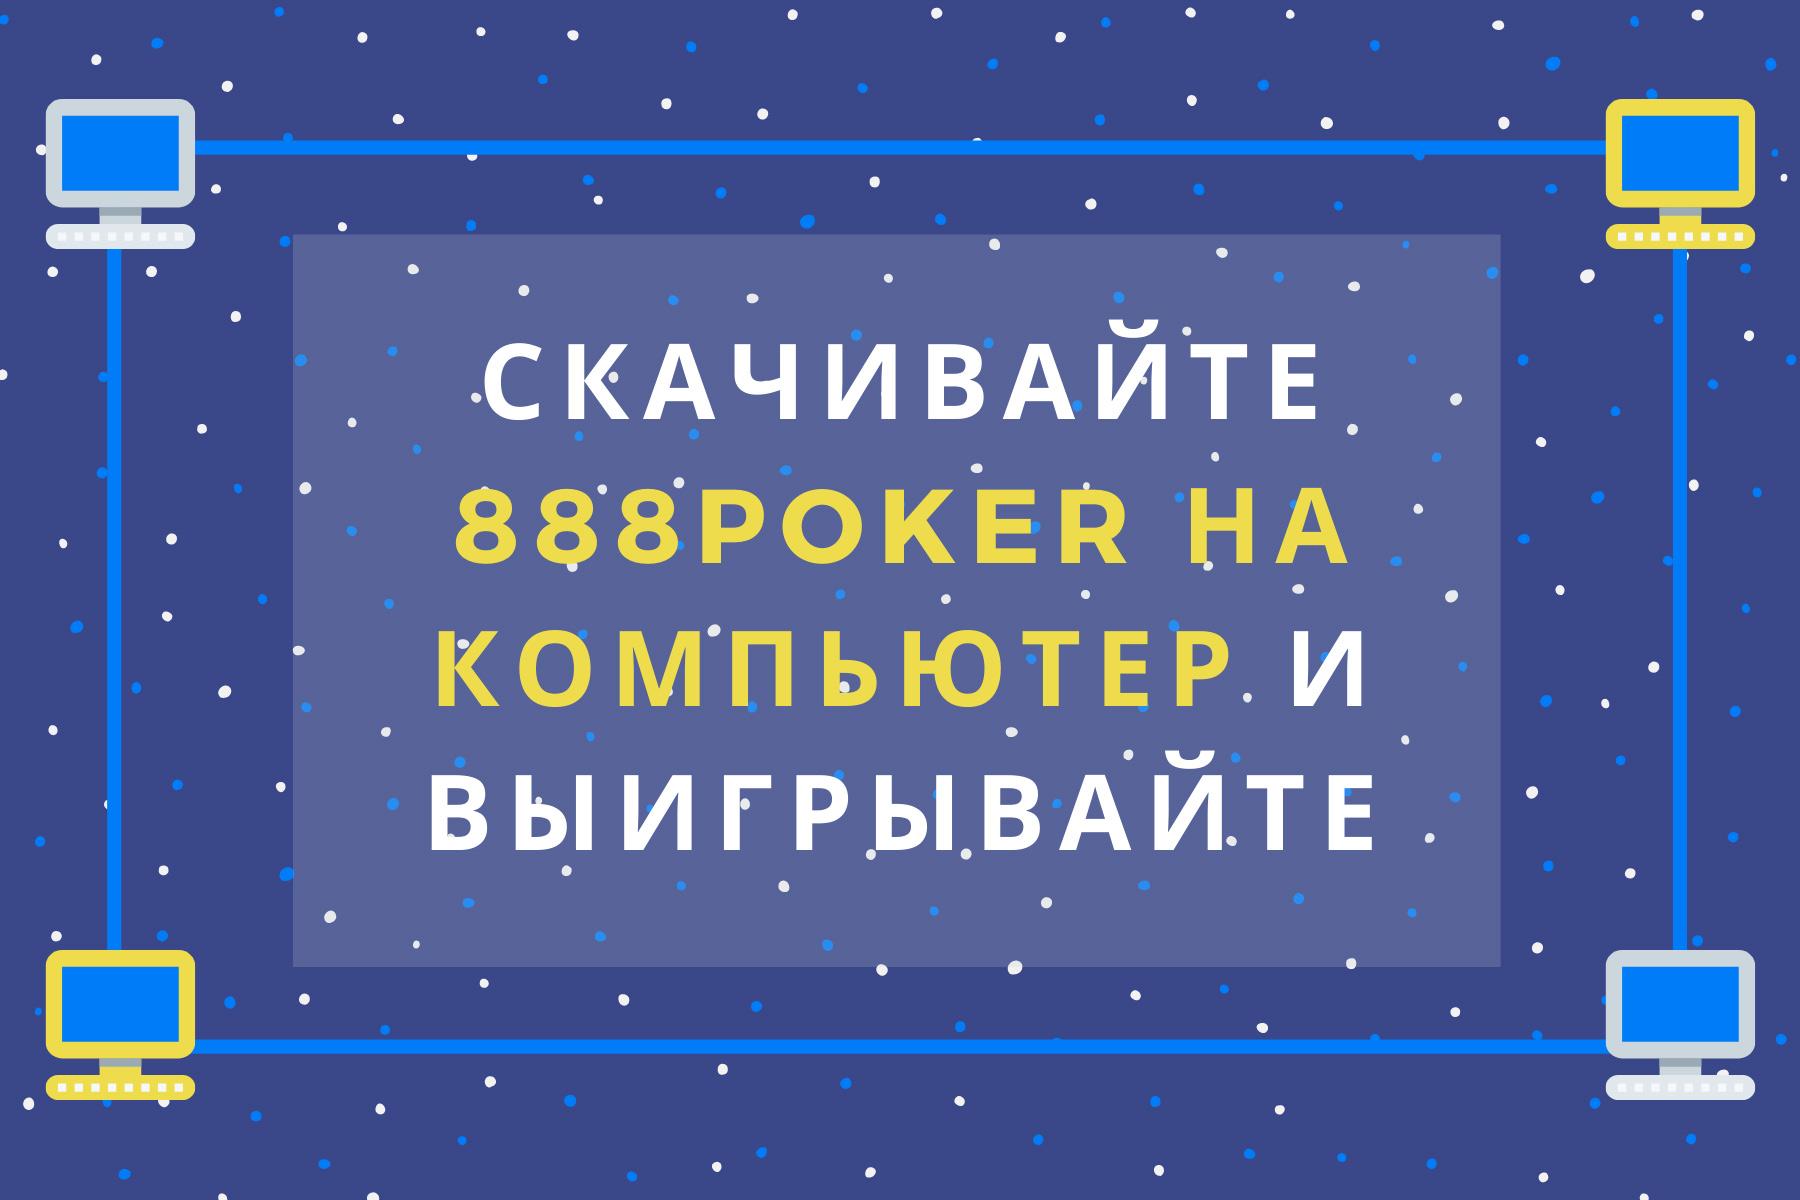 Как скачать игровой клиент 888poker на компьютер.